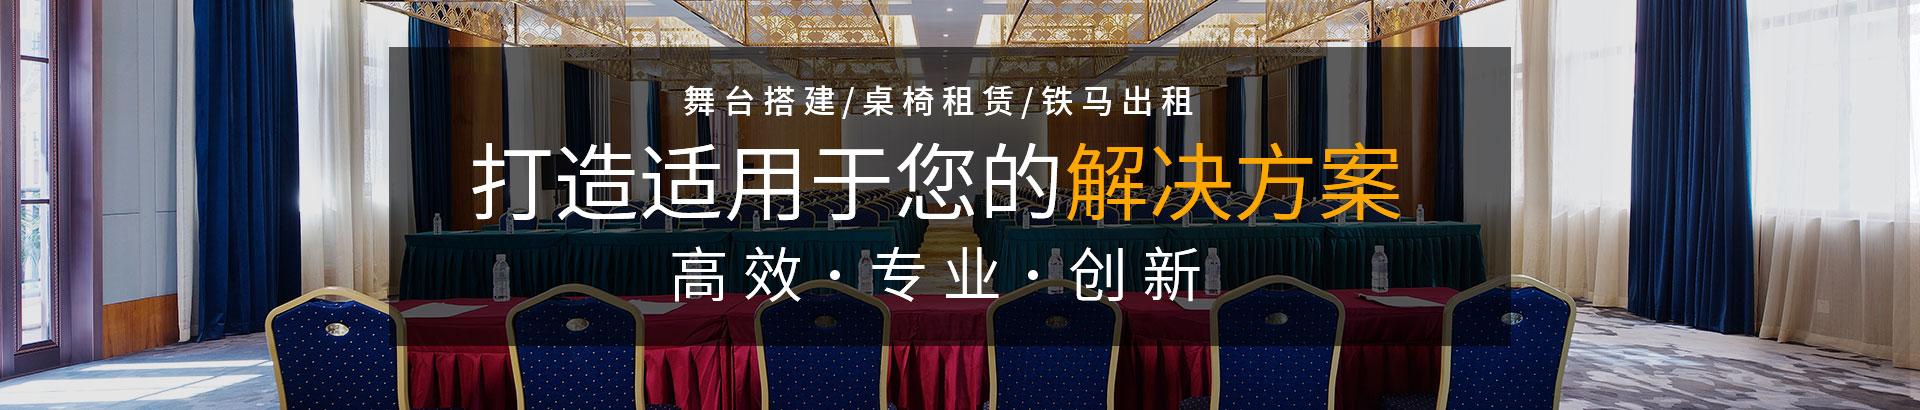 重庆舞台设备租赁公司